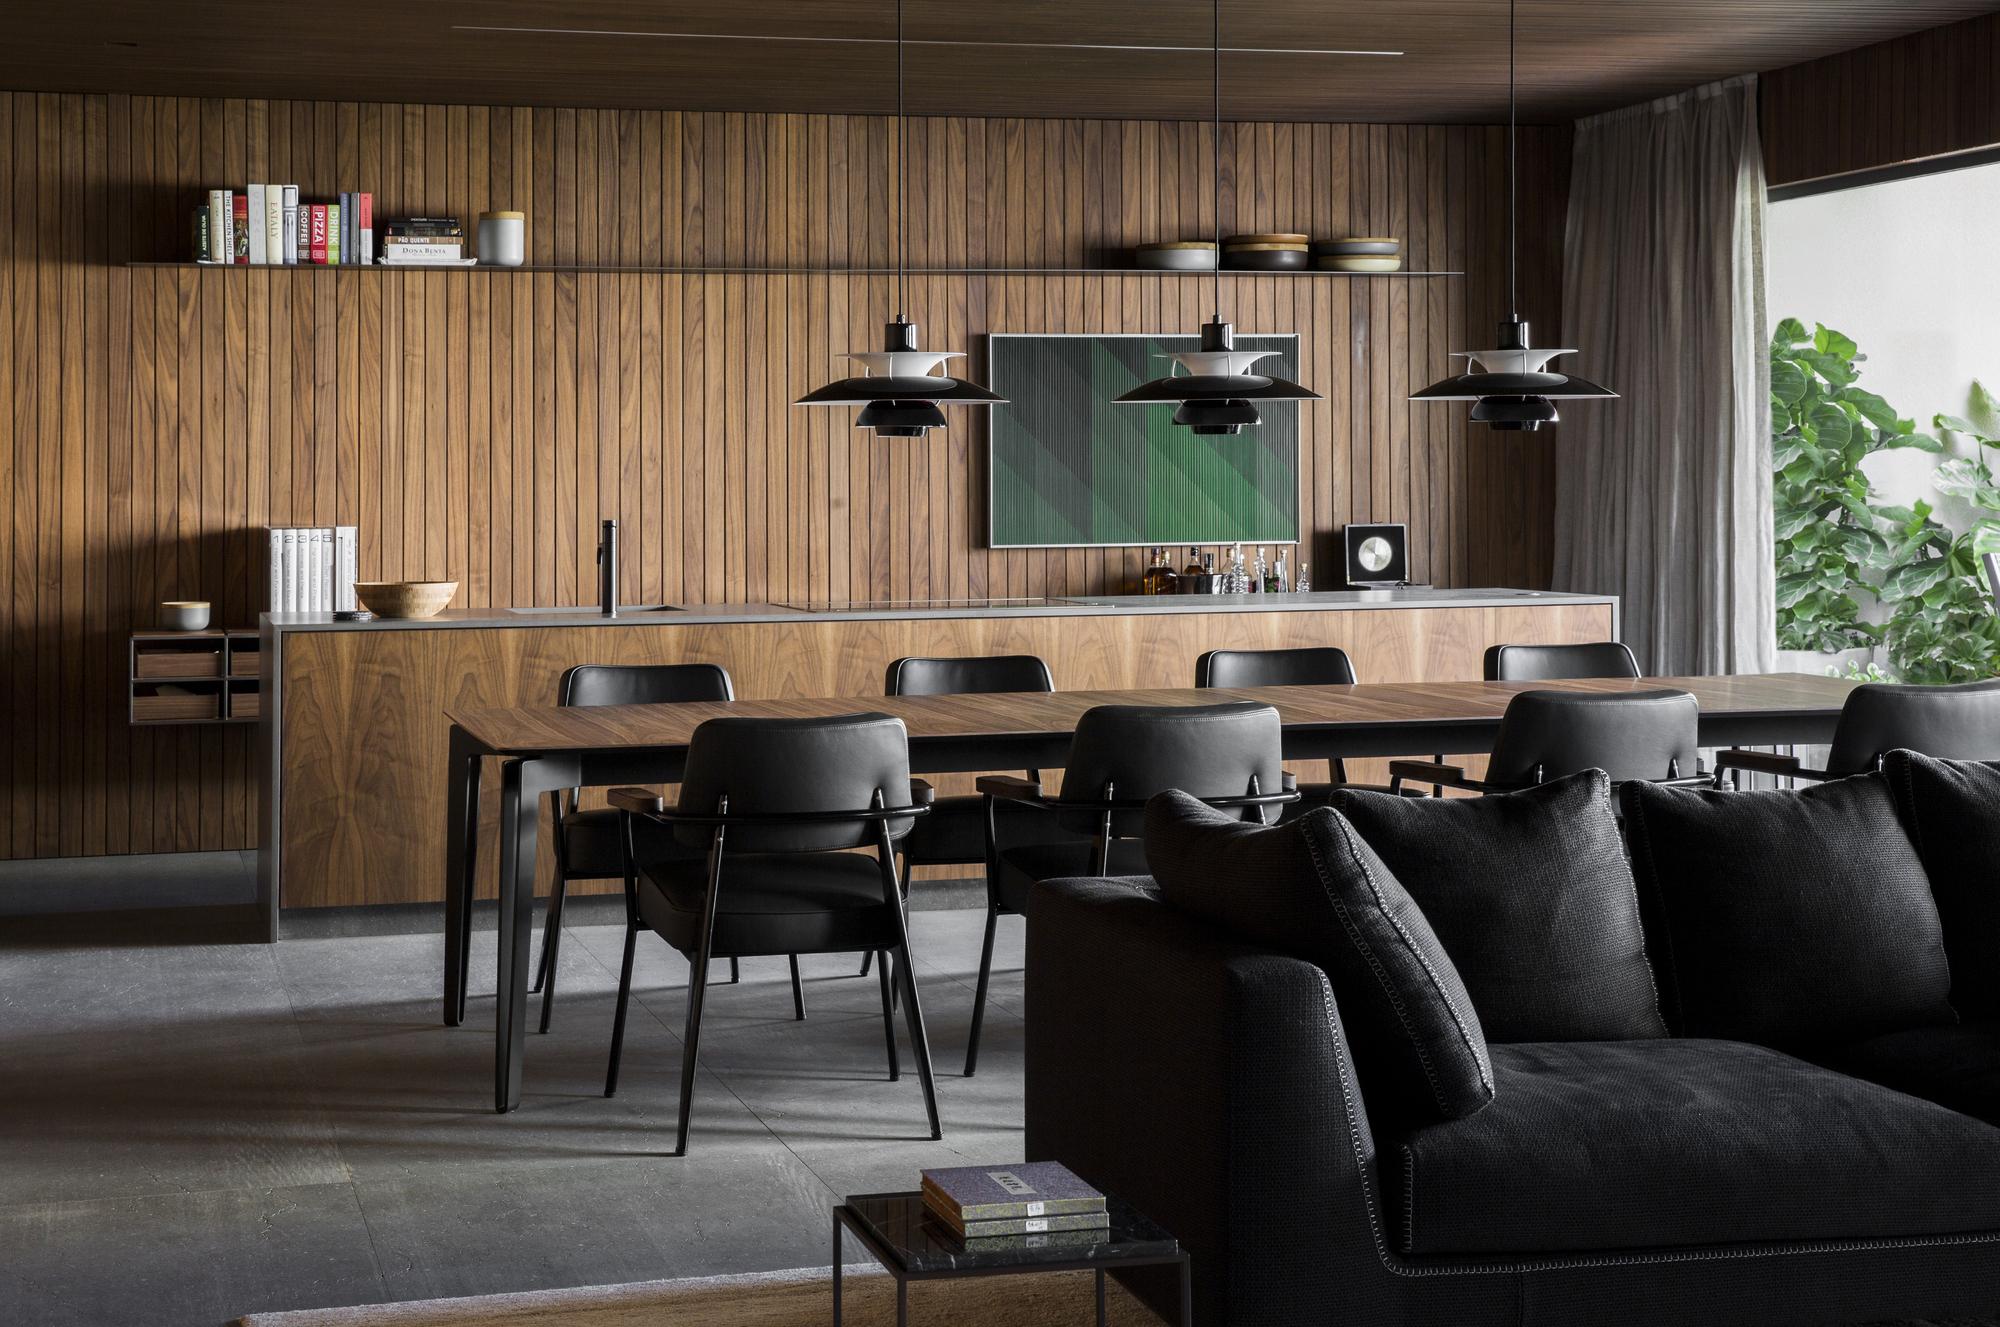 Galería de Cocinas monocromáticas: 3 estrategias de diseño con un ...